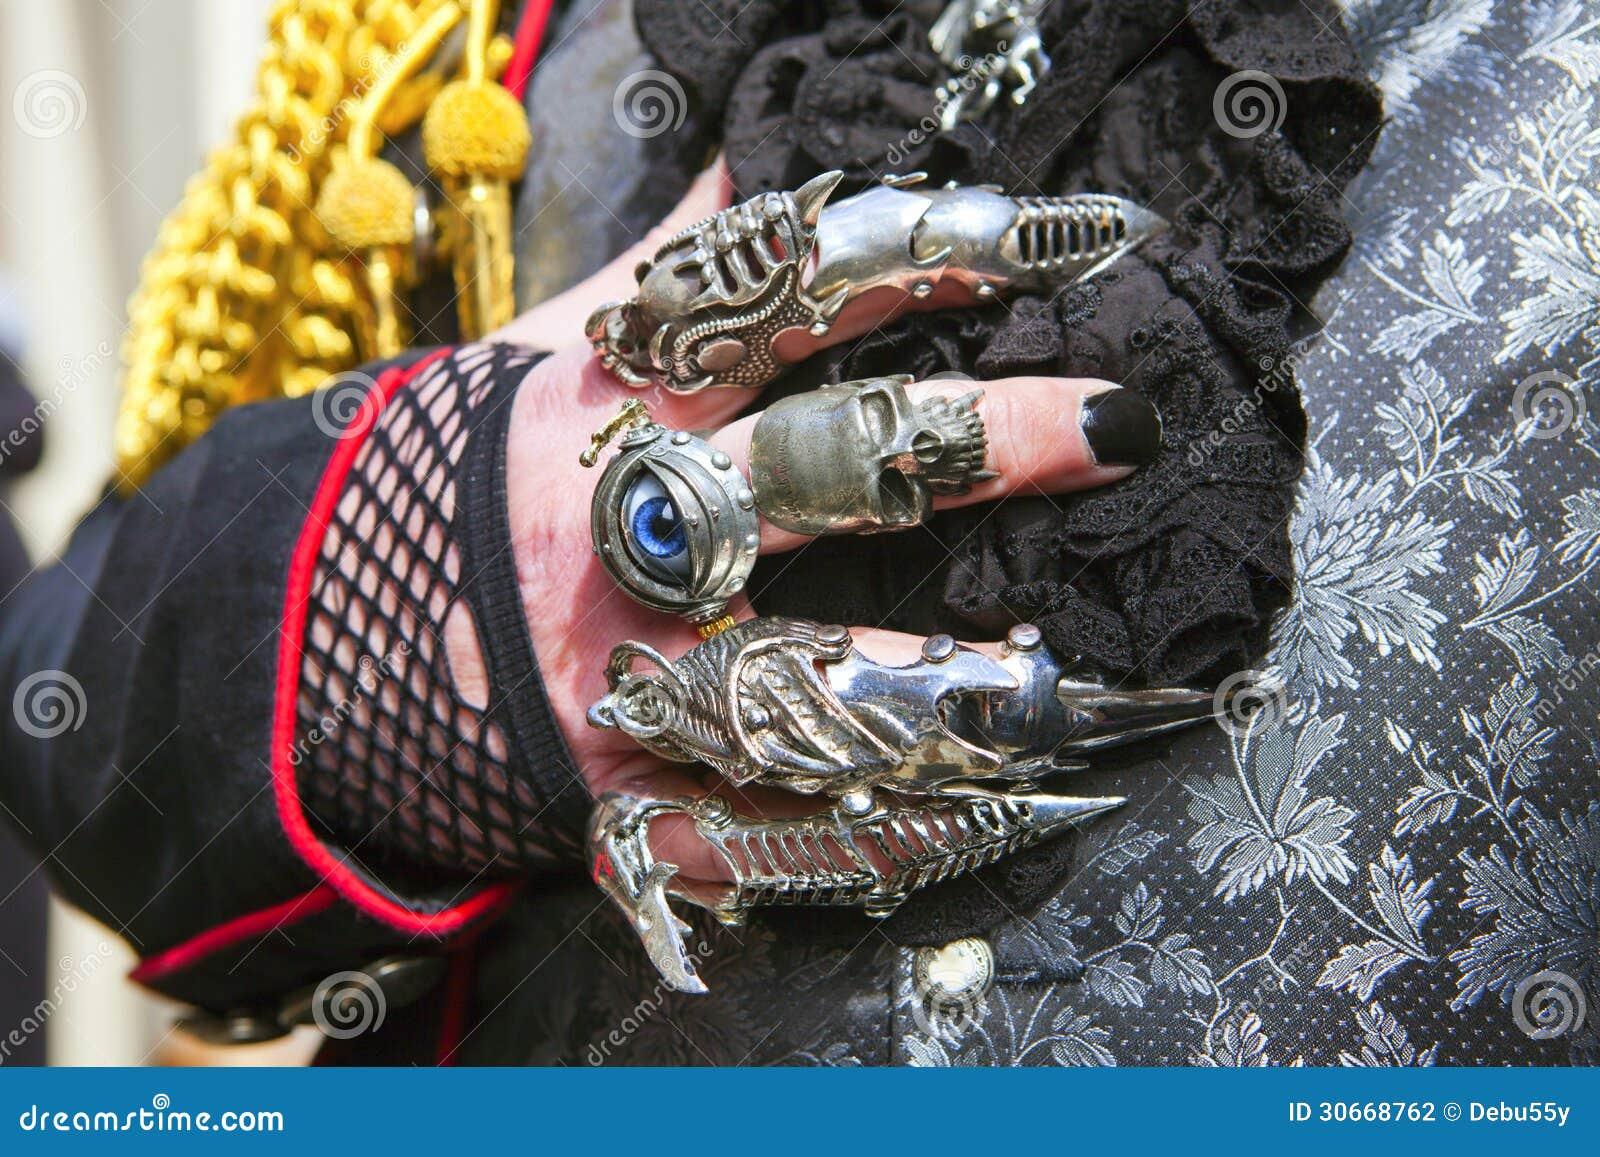 Nfl Wedding Rings